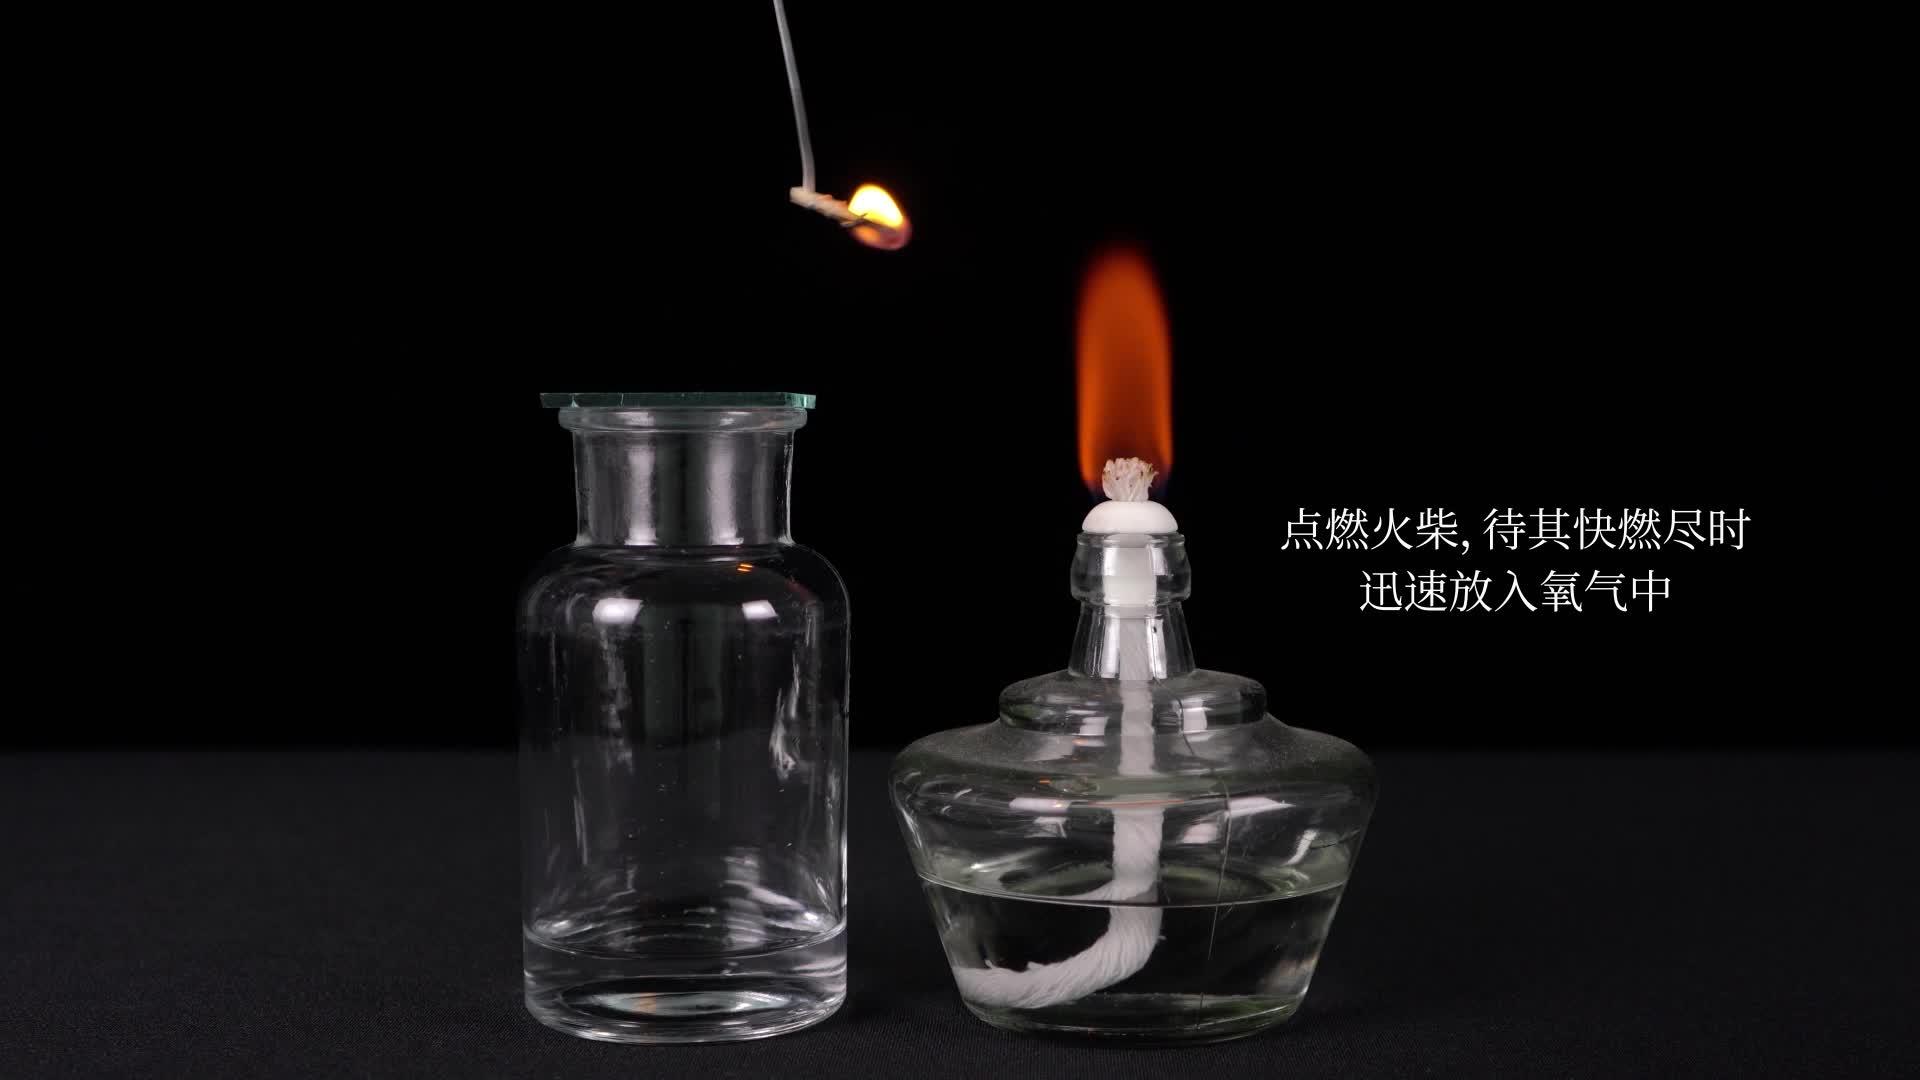 2.2 铁在氧气中燃烧-【火花学院】人教版九年级化学上册 第二单元 我们周围的空气 课题2 氧气 [来自e网通客户端]